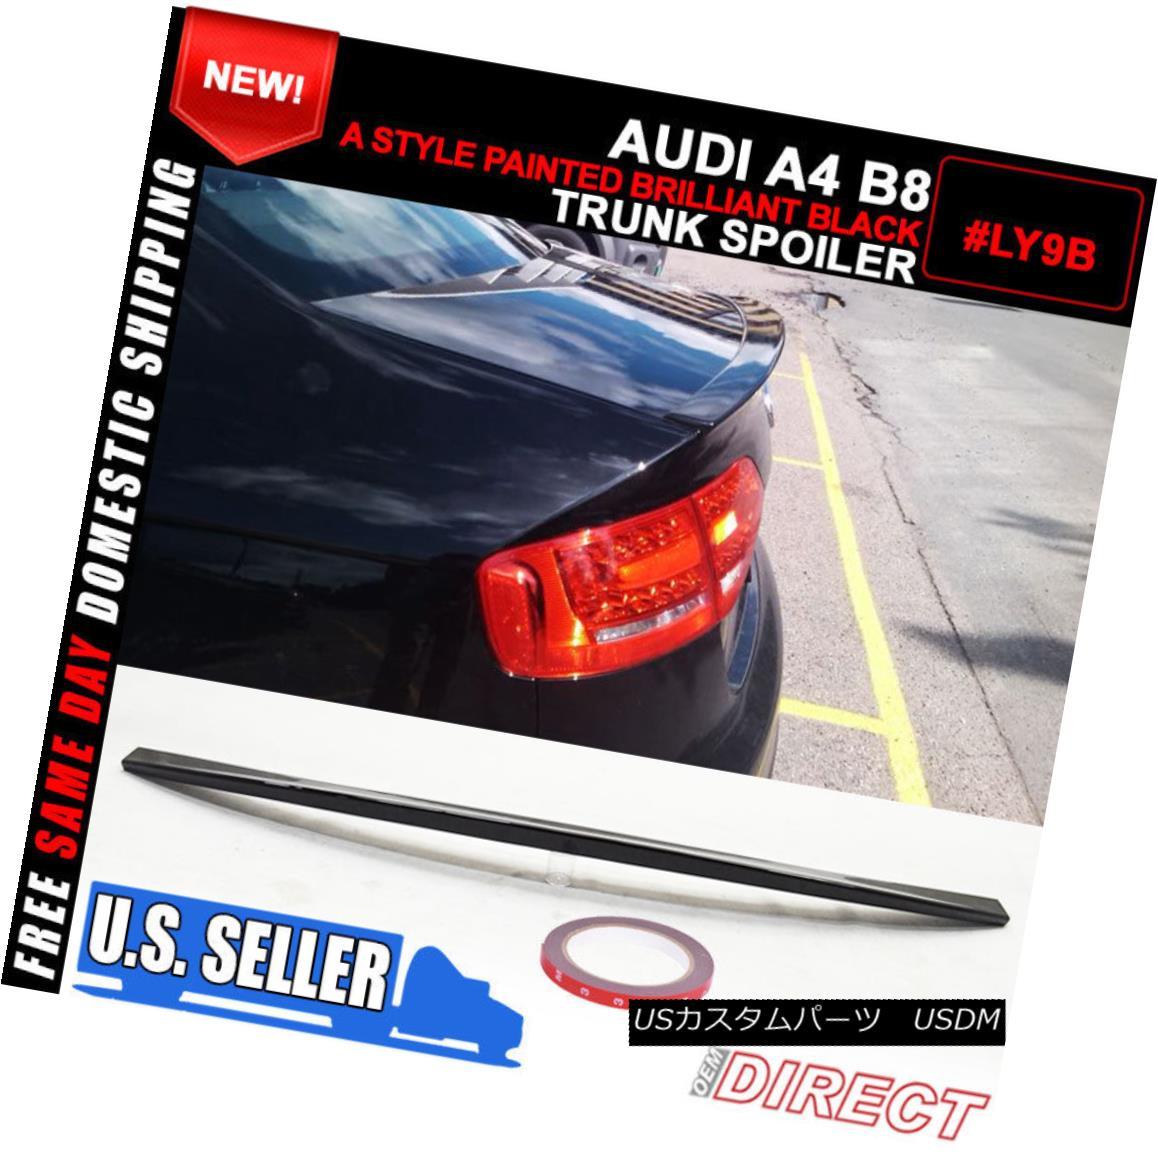 エアロパーツ Fit For 09-12 Audi A4 B8 A Style RS Style Painted #Ly9B ABS Trunk Spoiler アウディA4 B8スタイルのRSスタイル塗装済み#Ly9B ABSトランクスポイラー